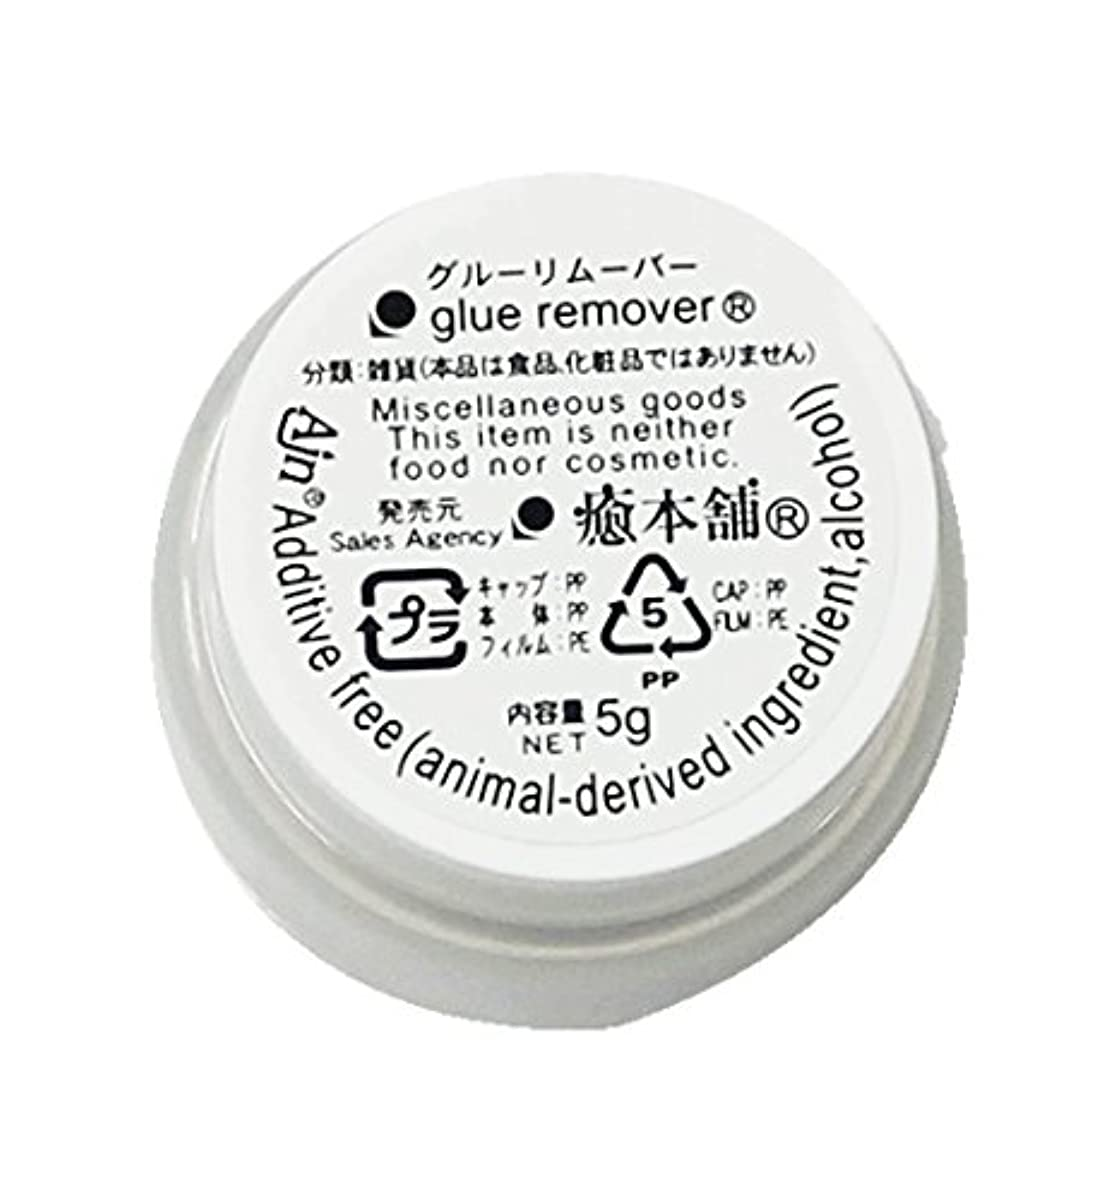 [해외] 소나무에쿠 속눈썹 리무버 glue 크림 5G 1개